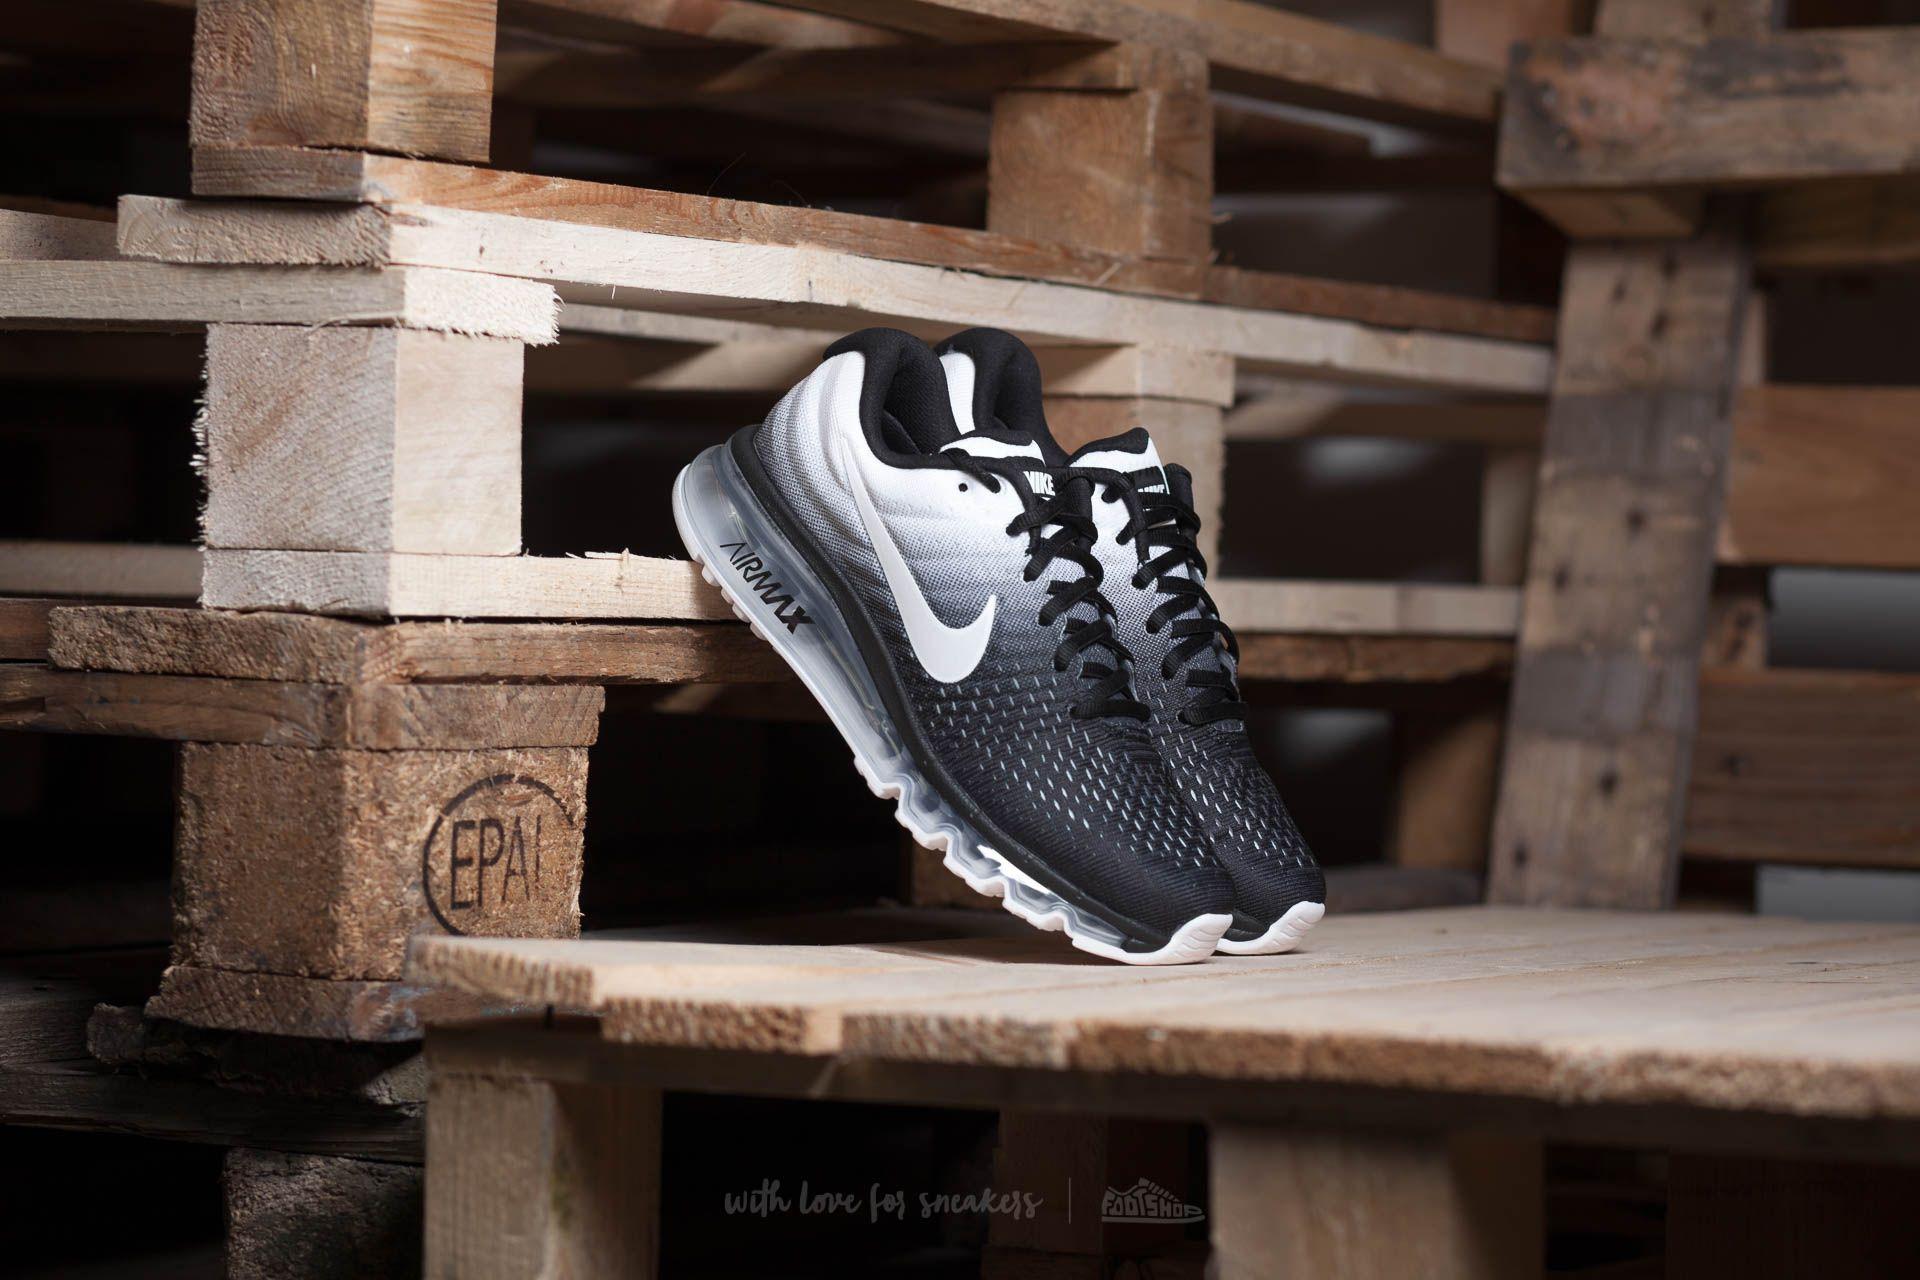 Nike Wmns Air Max 2017 Black/ White